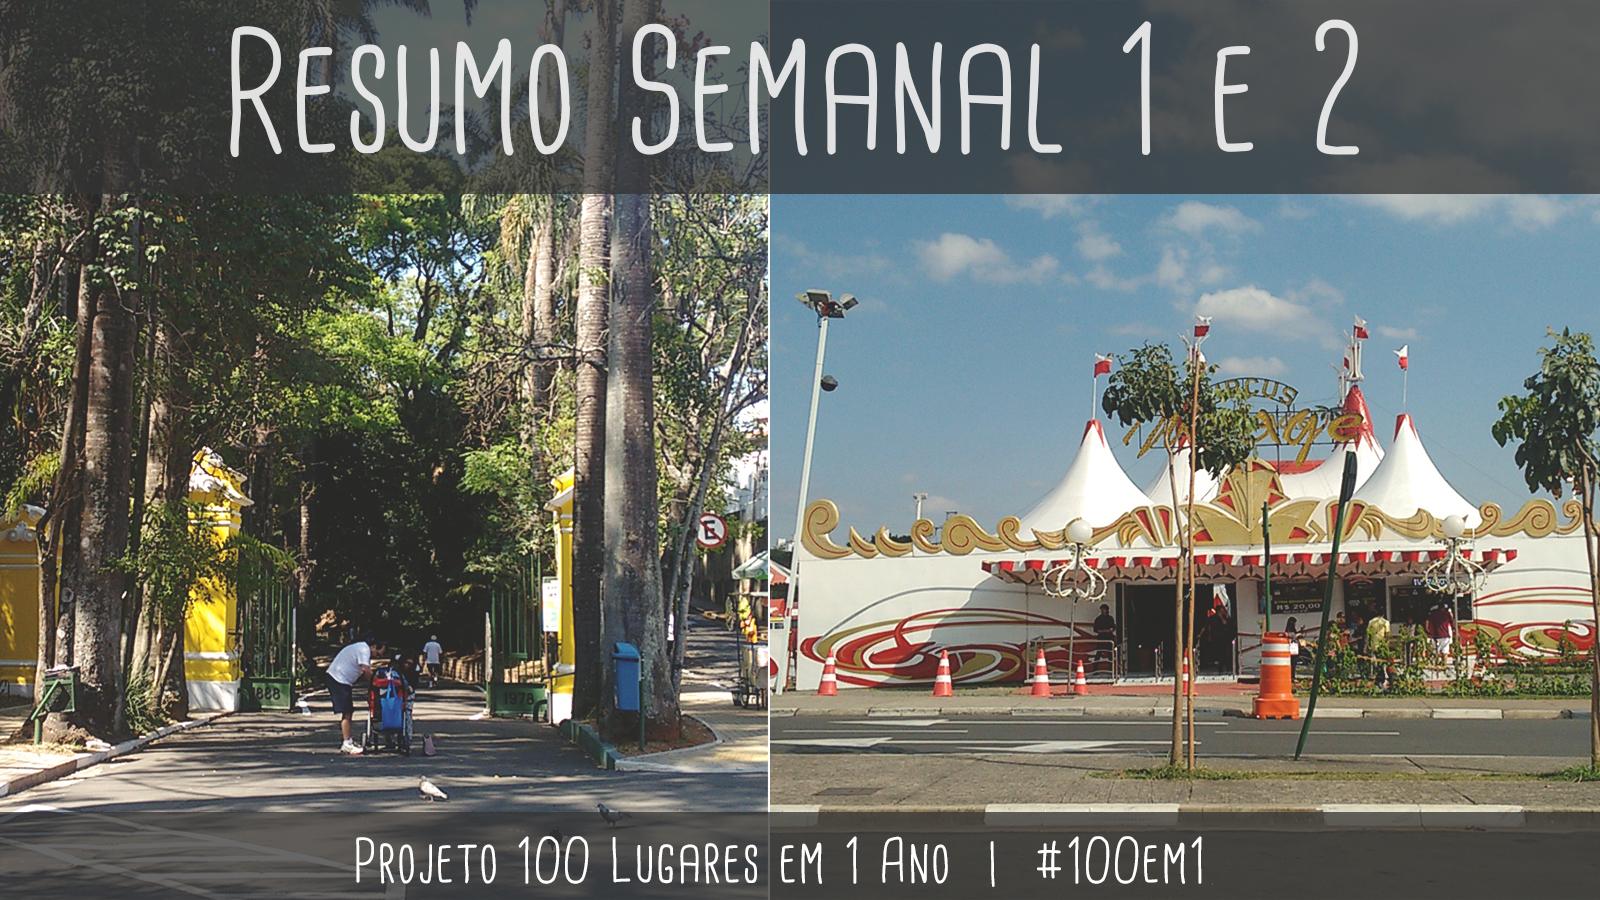 capa resumo projeto #100em1